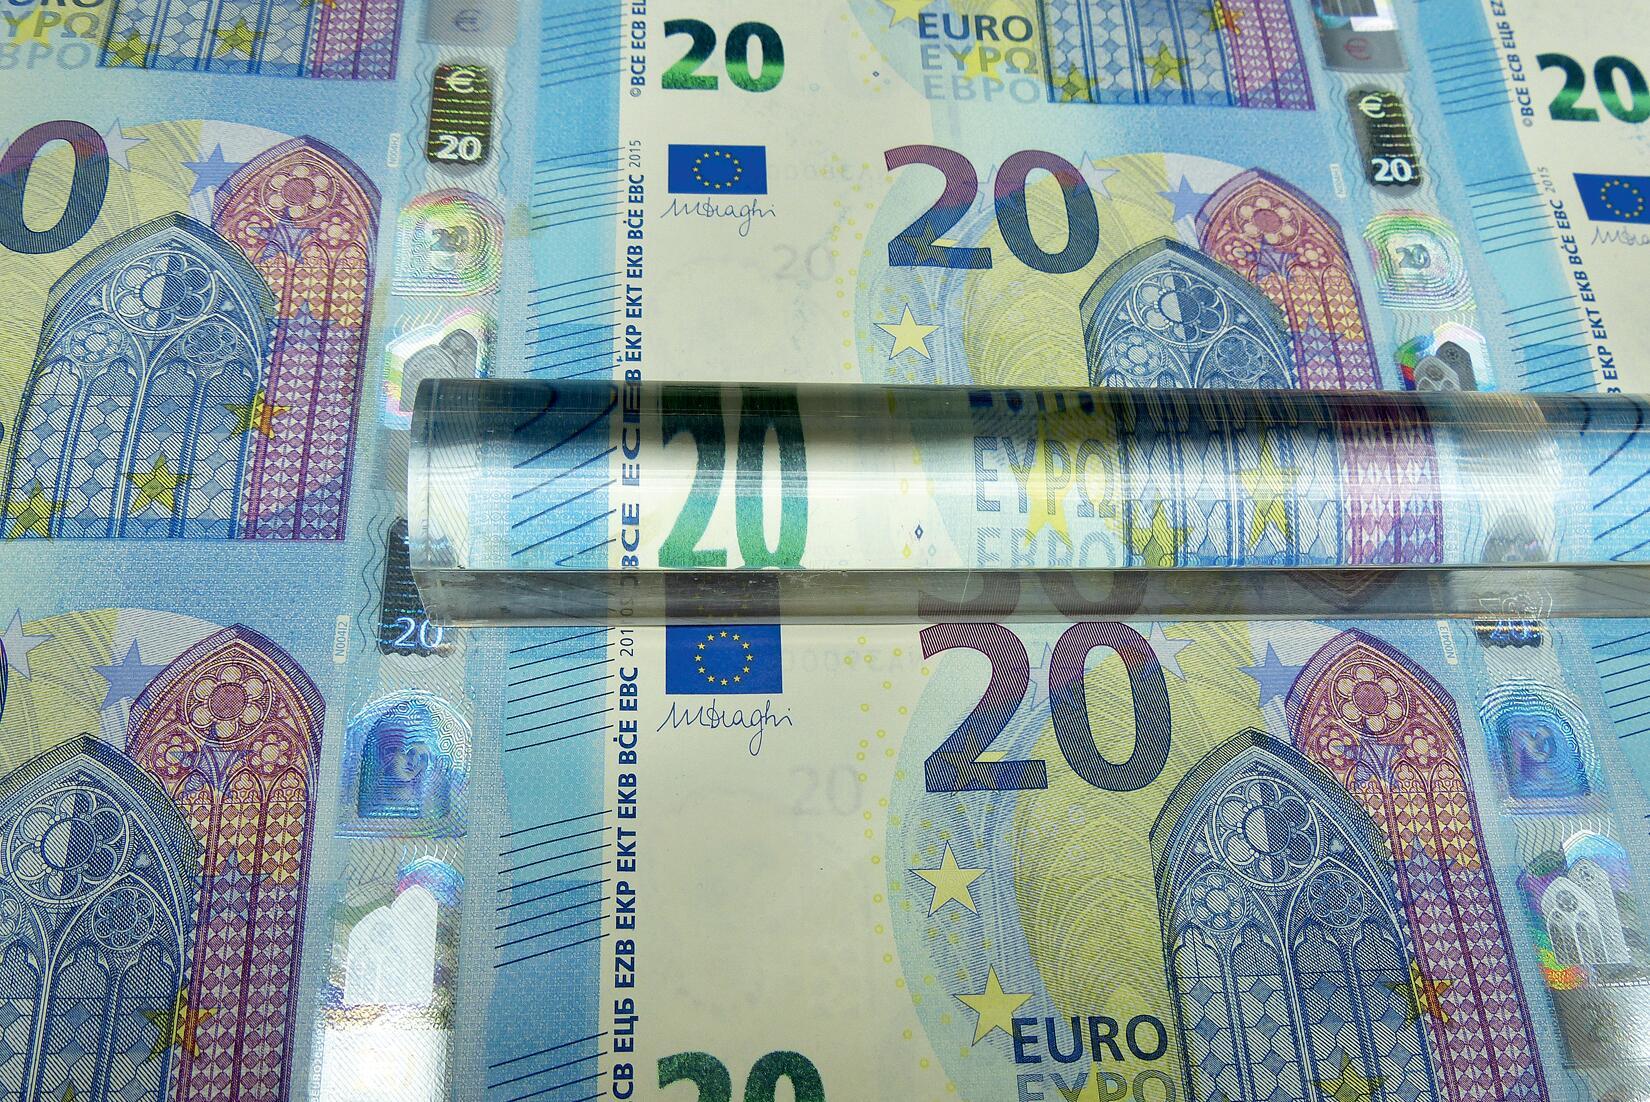 Bild zu 20 Euroschein Design Europaserie